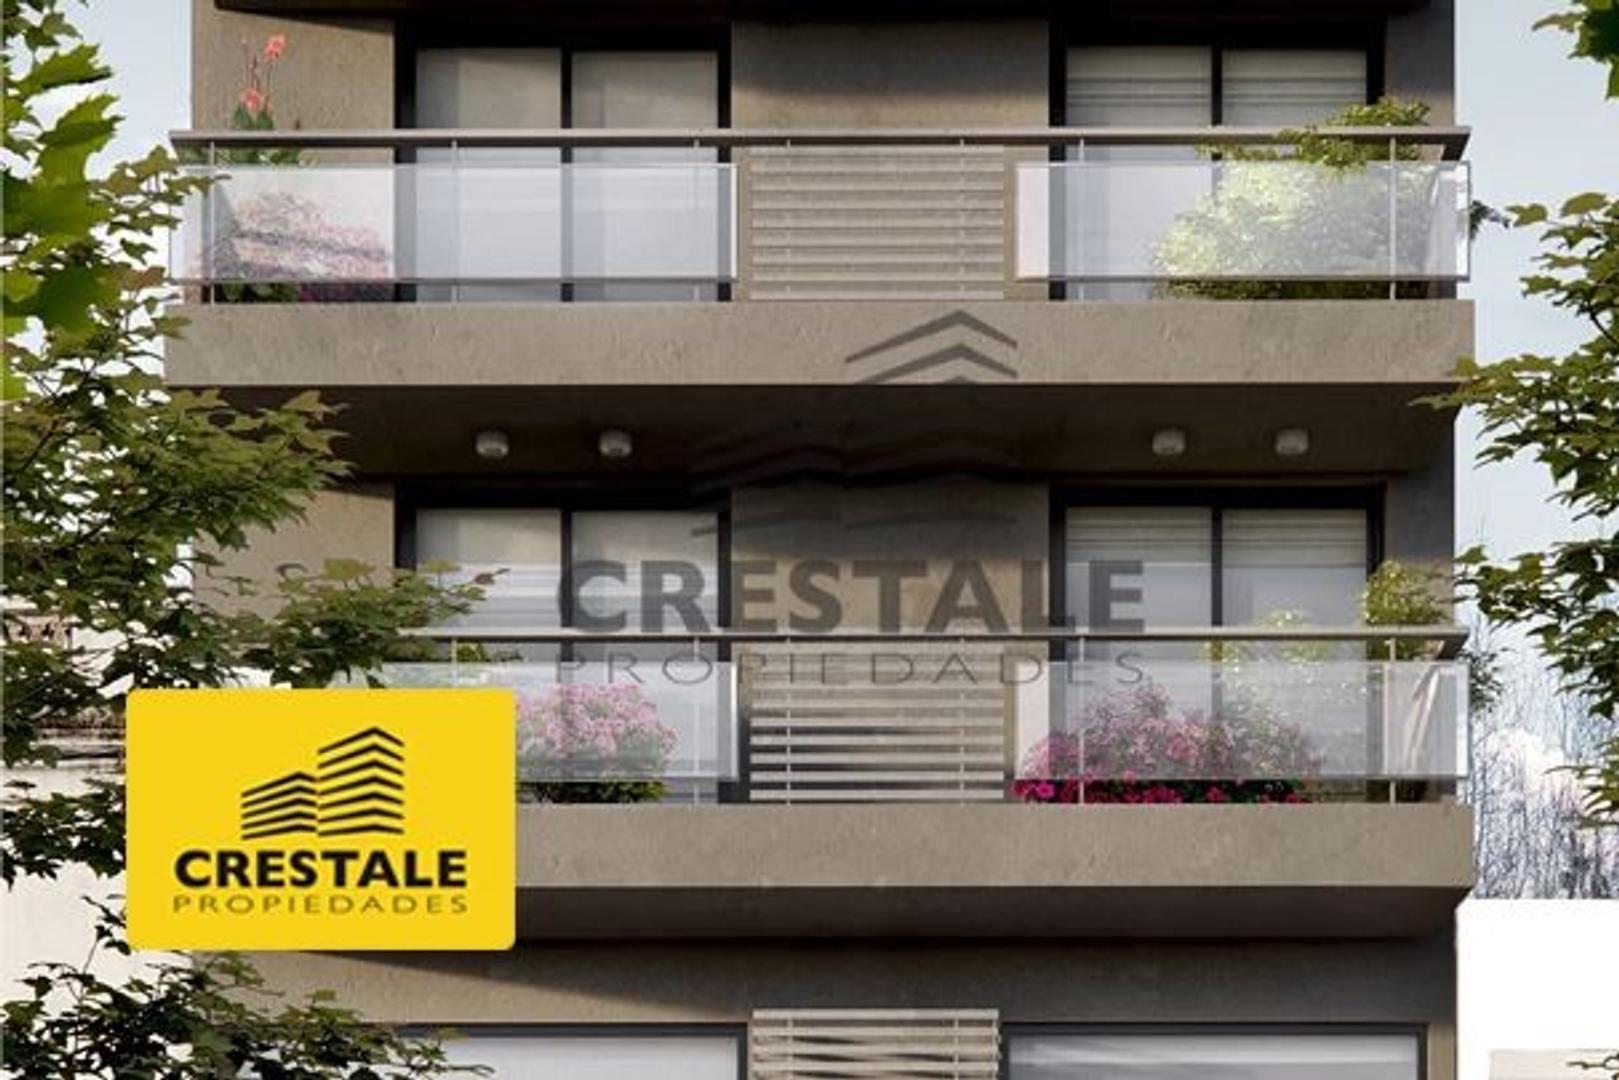 Departamento 1 dormitorio a la venta en Rosario. Av. Francia y Salta. A pasos de parque S. Ortiz